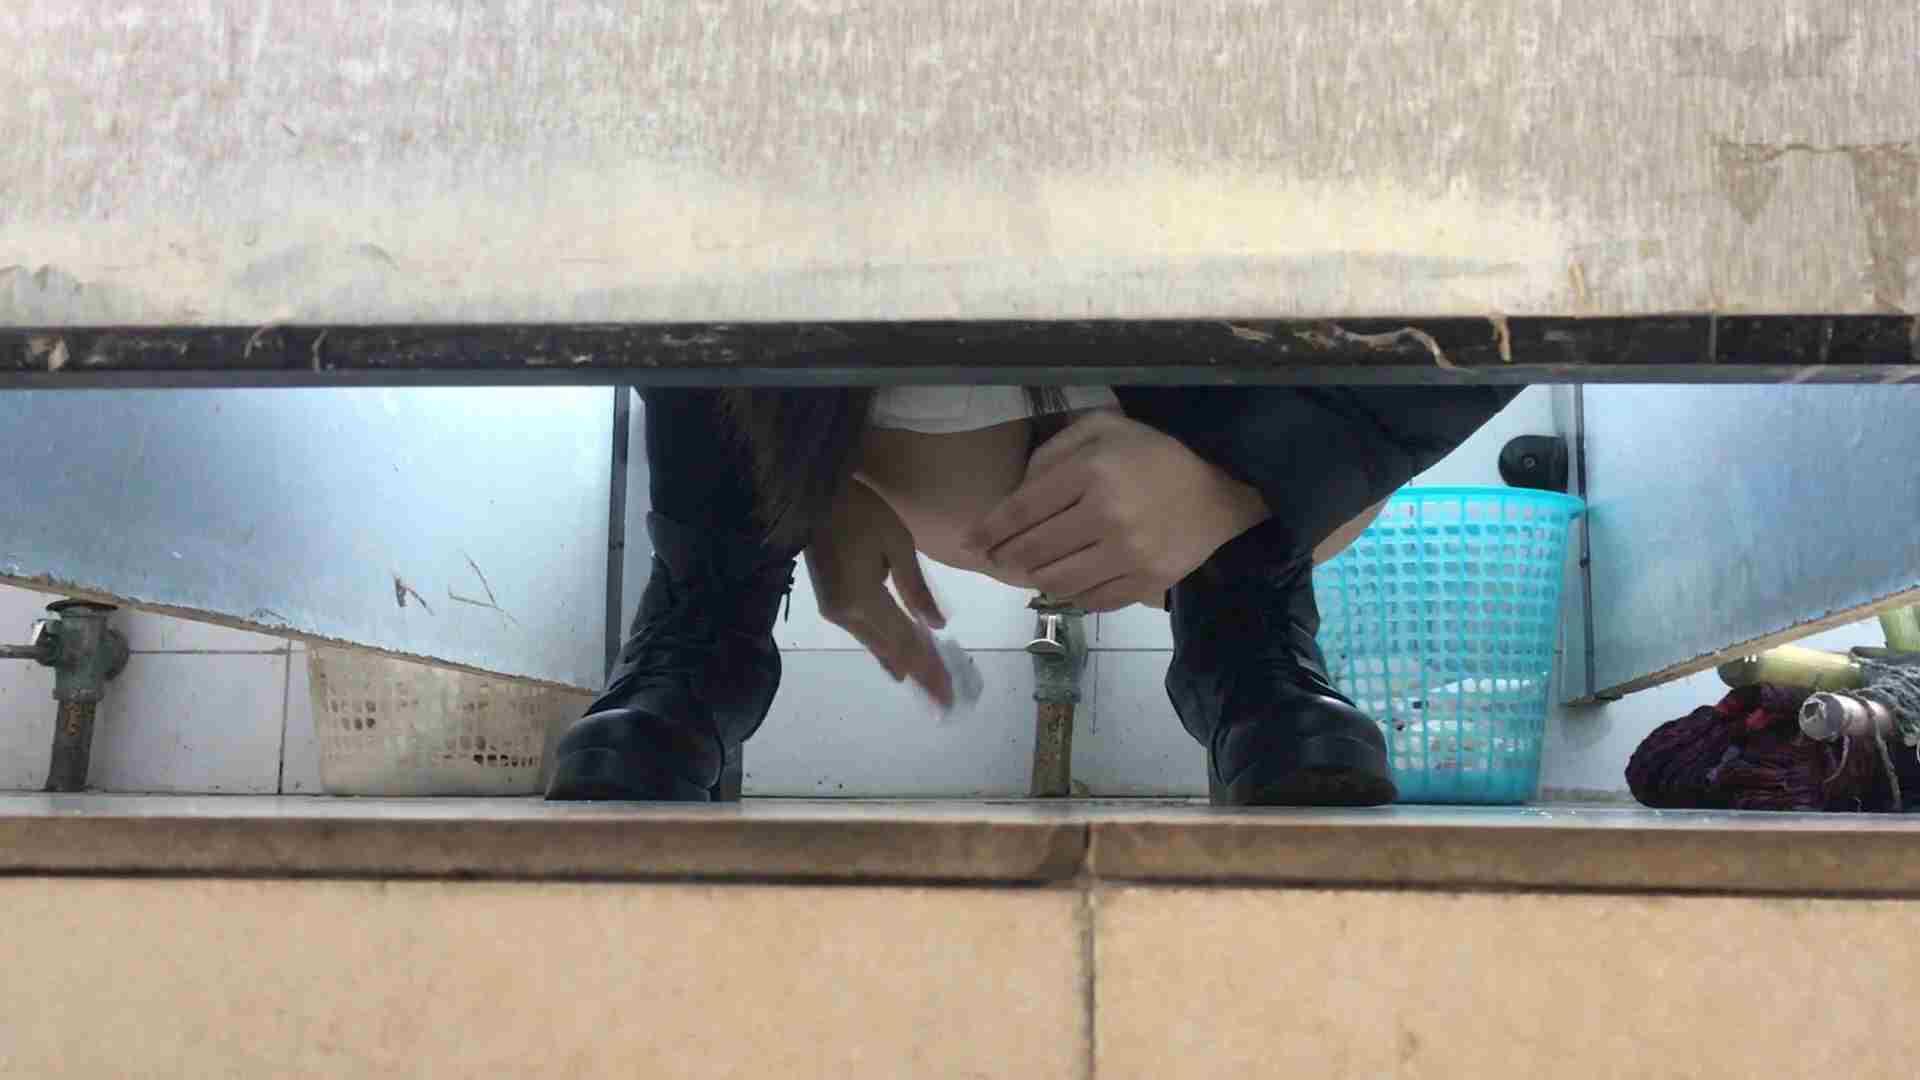 芸術大学ガチ潜入盗撮 JD盗撮 美女の洗面所の秘密 Vol.90 高画質動画  35画像 24